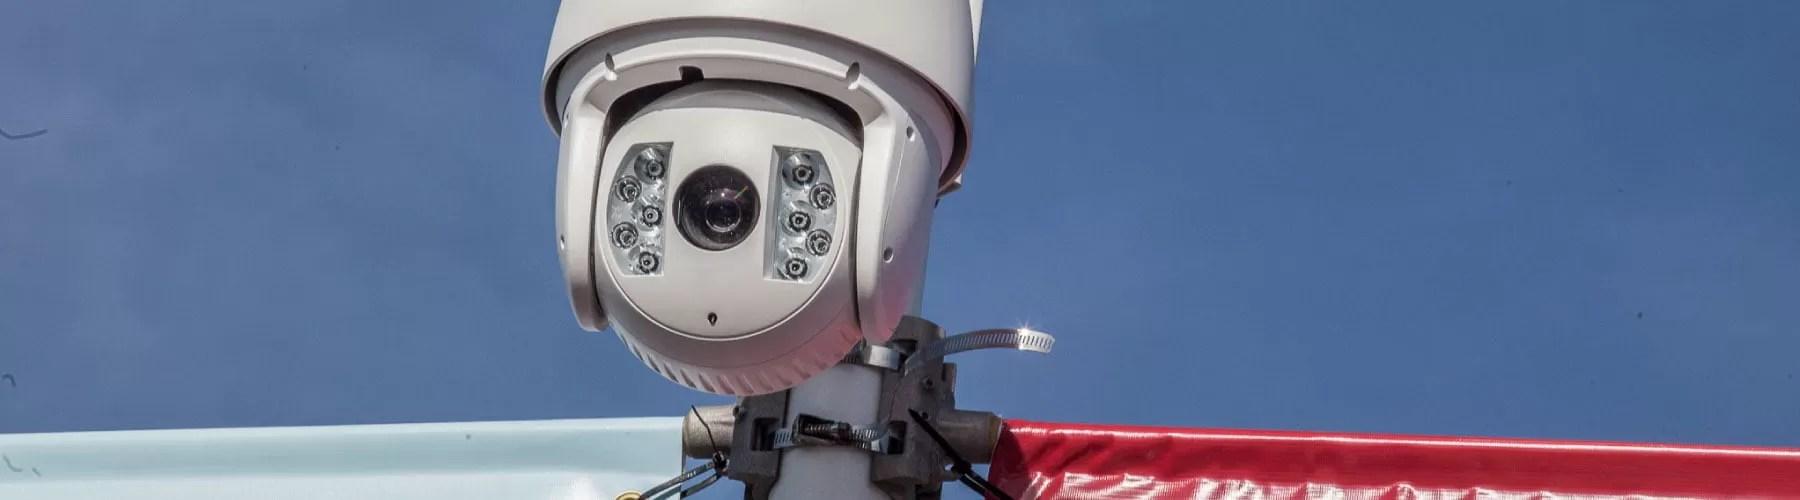 BBG security camera London, Ontario